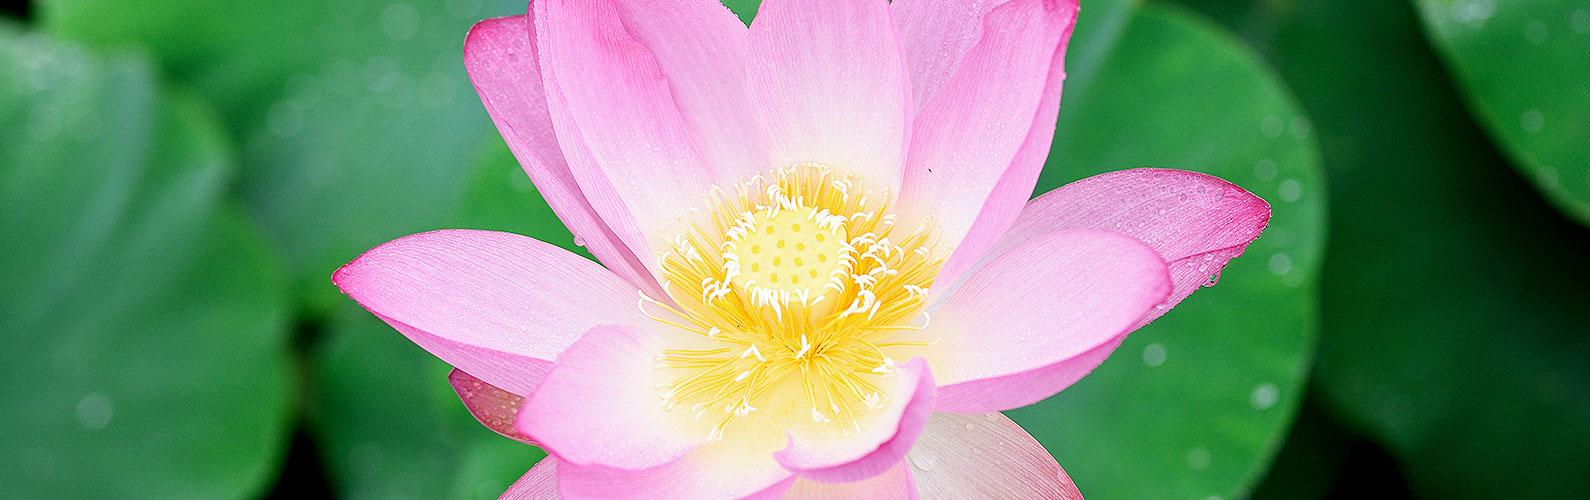 宗教法人 名古屋 豊国通 佛願寺「供養のご案内」イメージ画像